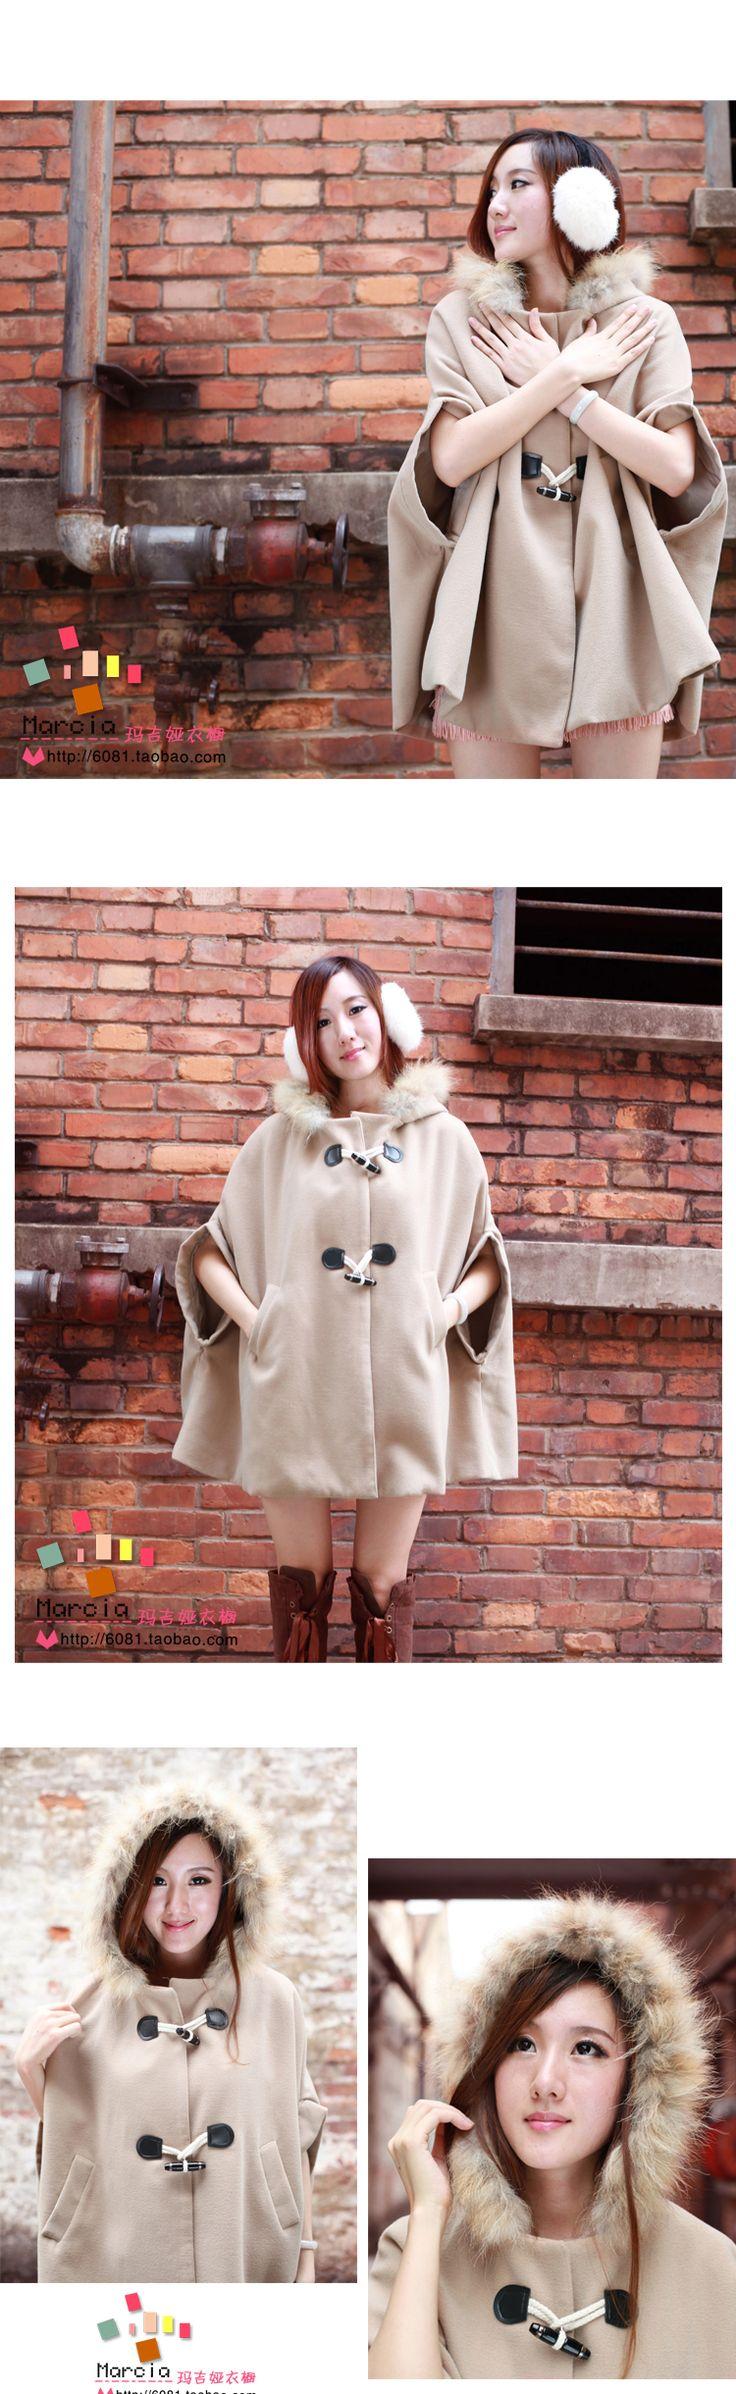 秋冬 新しい 女性用 韓国 羊毛のオーバーコート コート 大きいサイズ ショール 冬 毛皮の襟 クローク コート - タオバオ代行-チャイナトレーディング